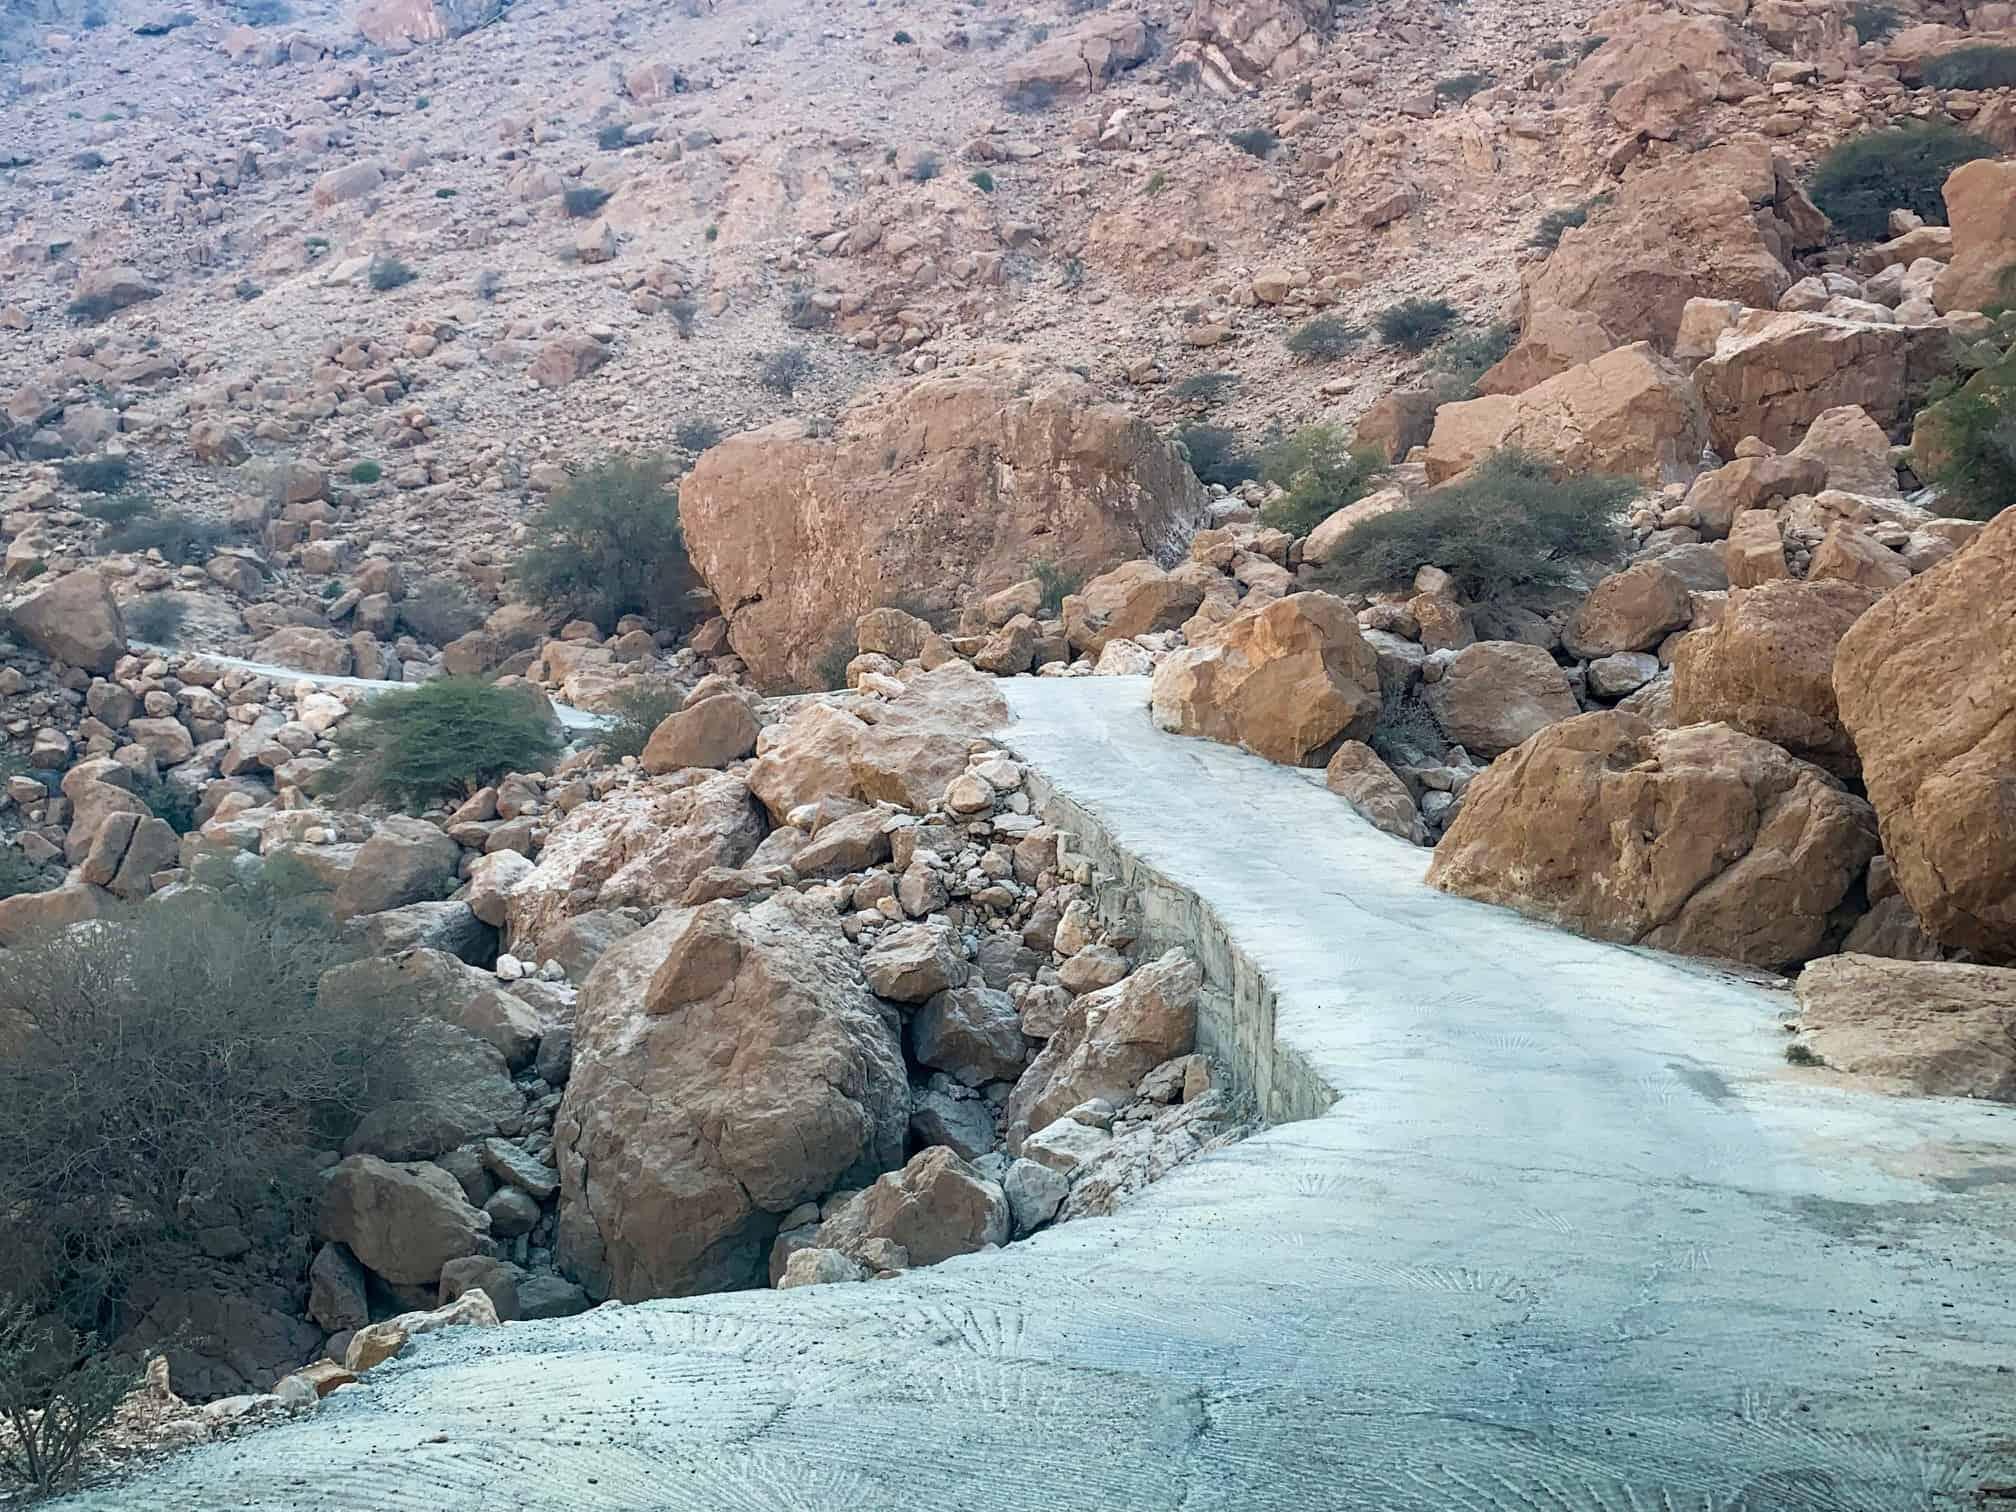 The narrow mountain road in Wadi Tiwi